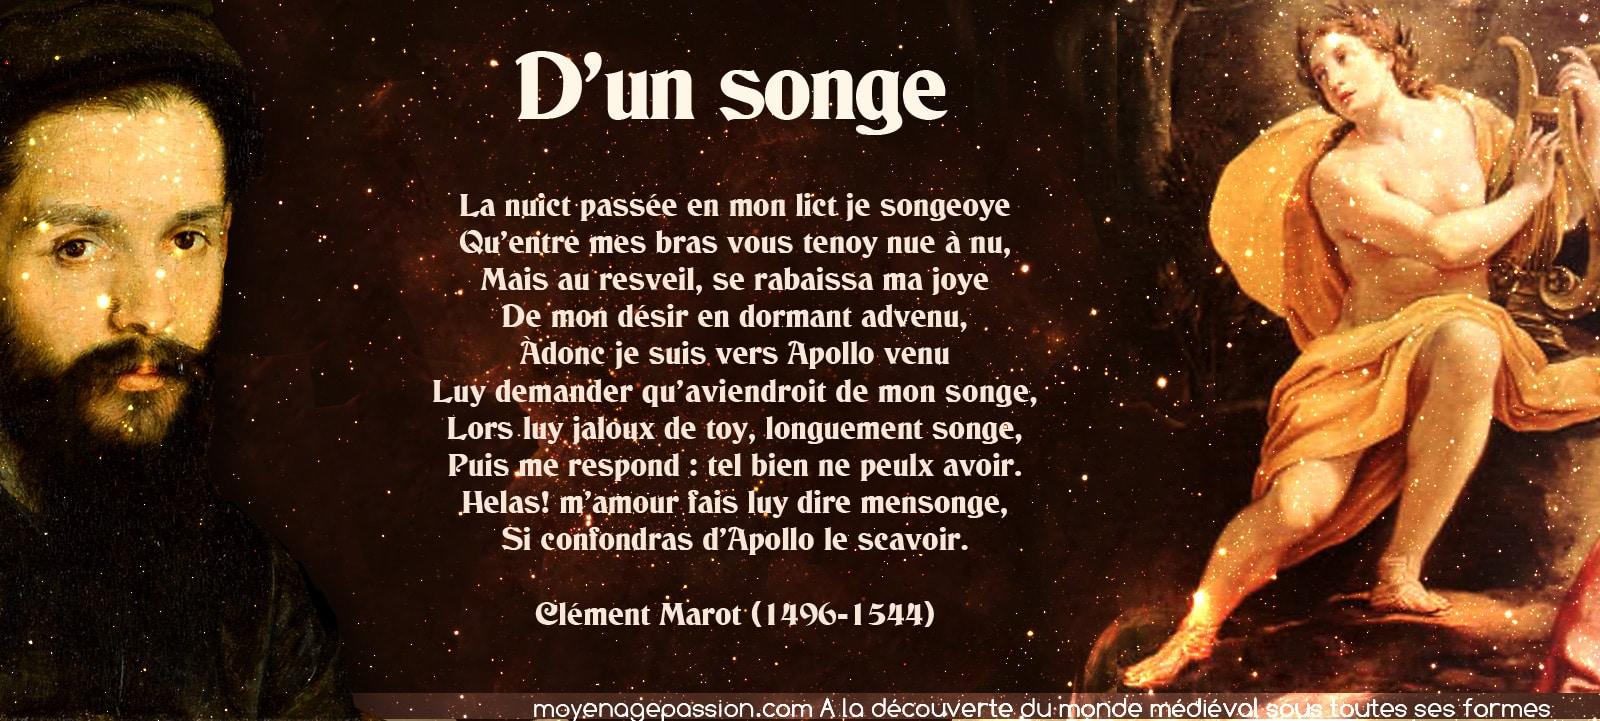 poesie_medievale_dizain_auteur_clement_marot_amour_songe_moyen-age_tardif_debut_renaissance